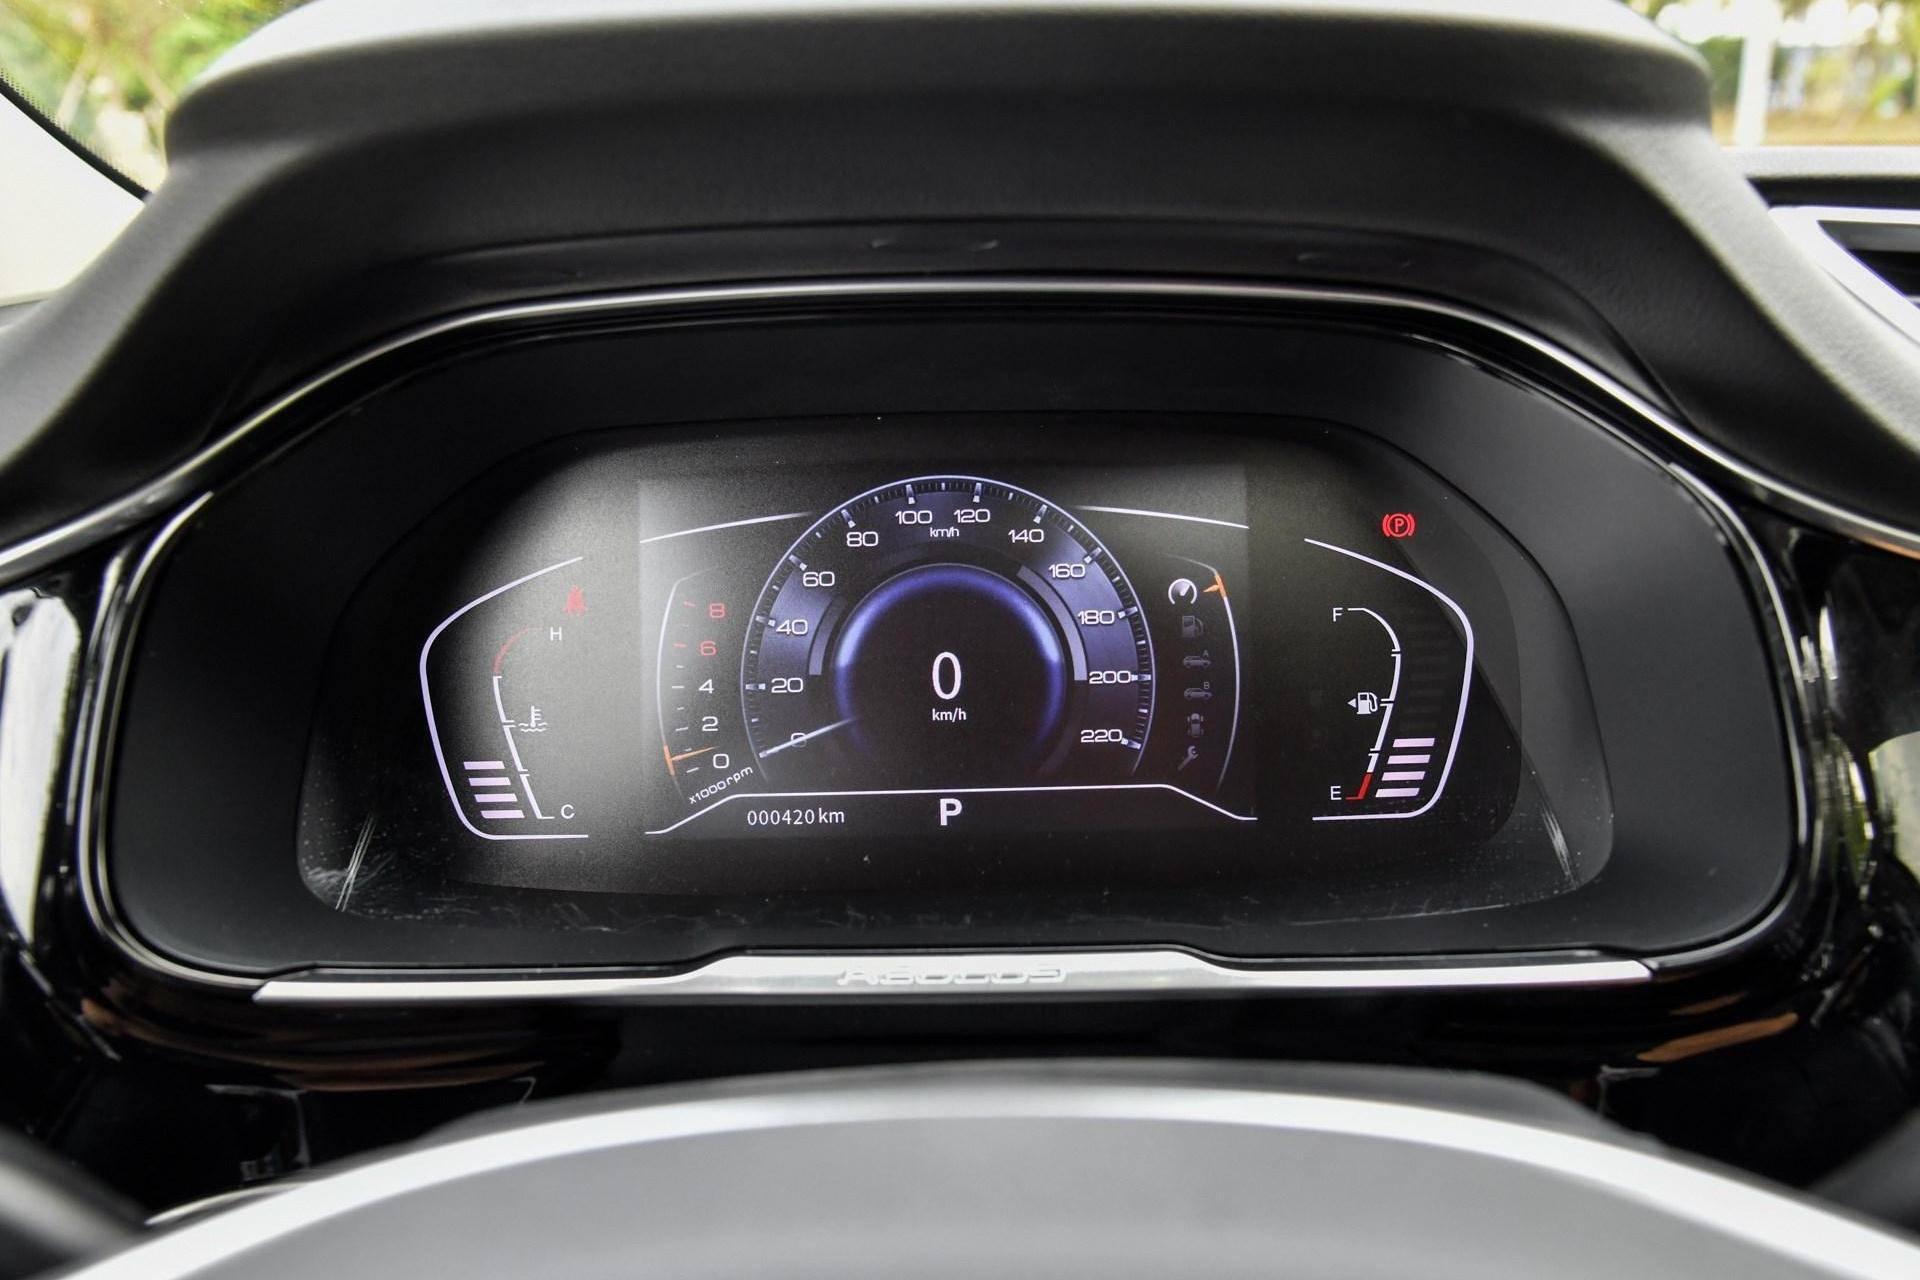 9万起高配12万超哈弗,10.25寸液晶触控,车主评分远超GS5